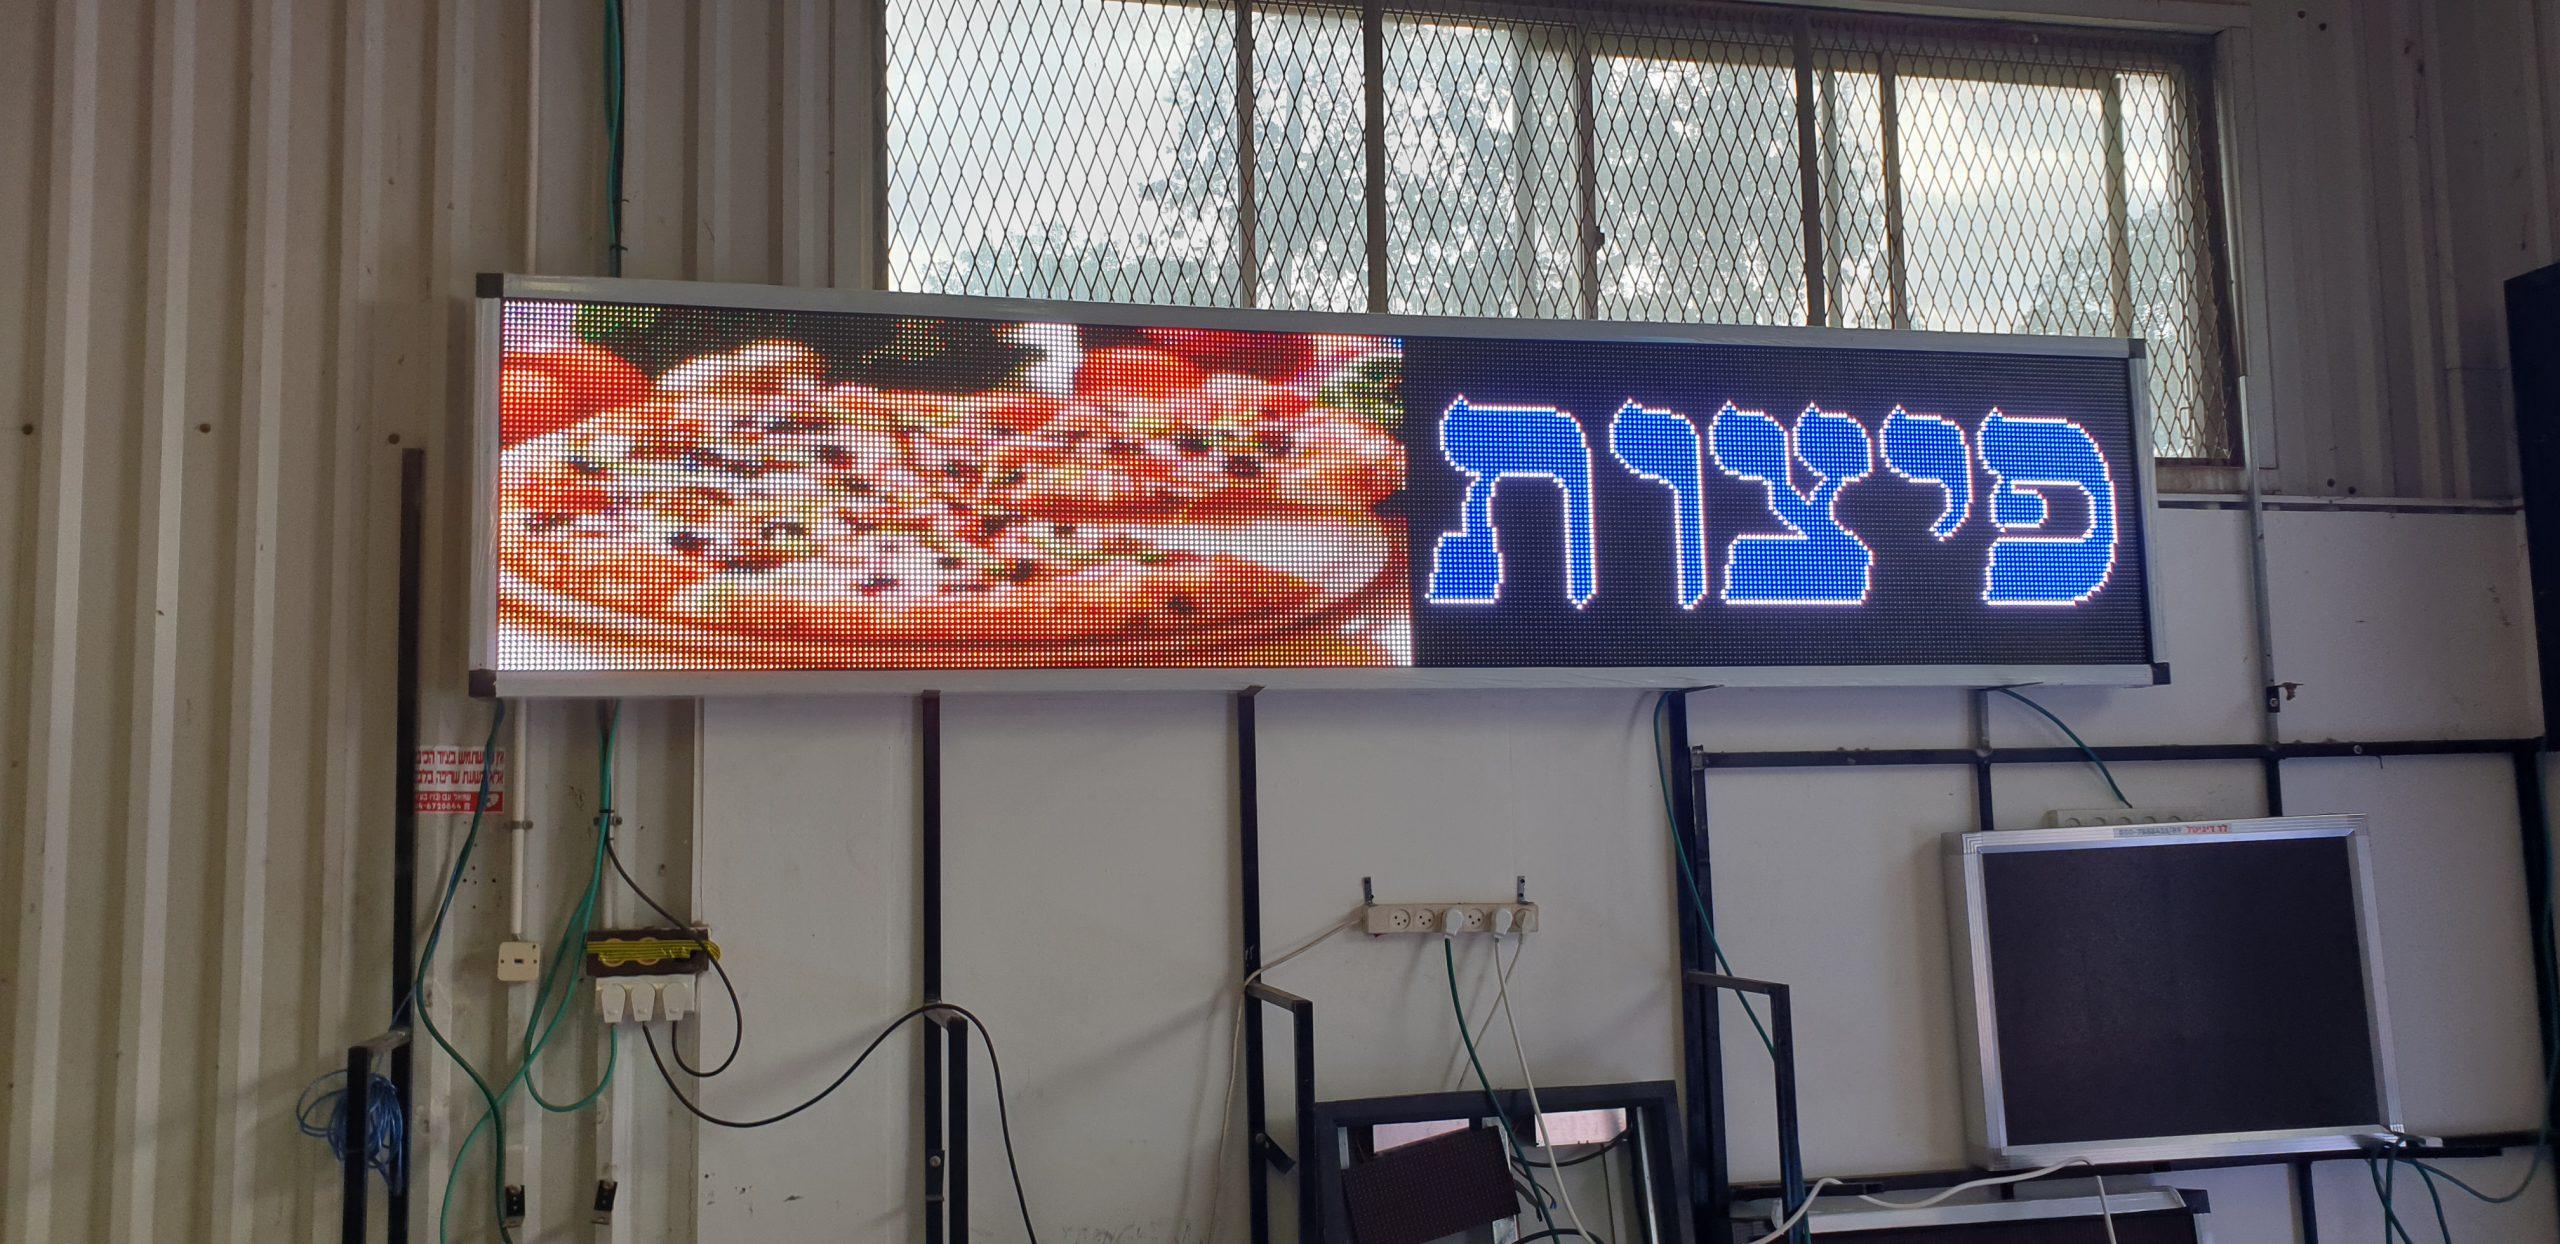 שלט לד לפיצה, שלטי לד לפיצריות - לד דיגיטל